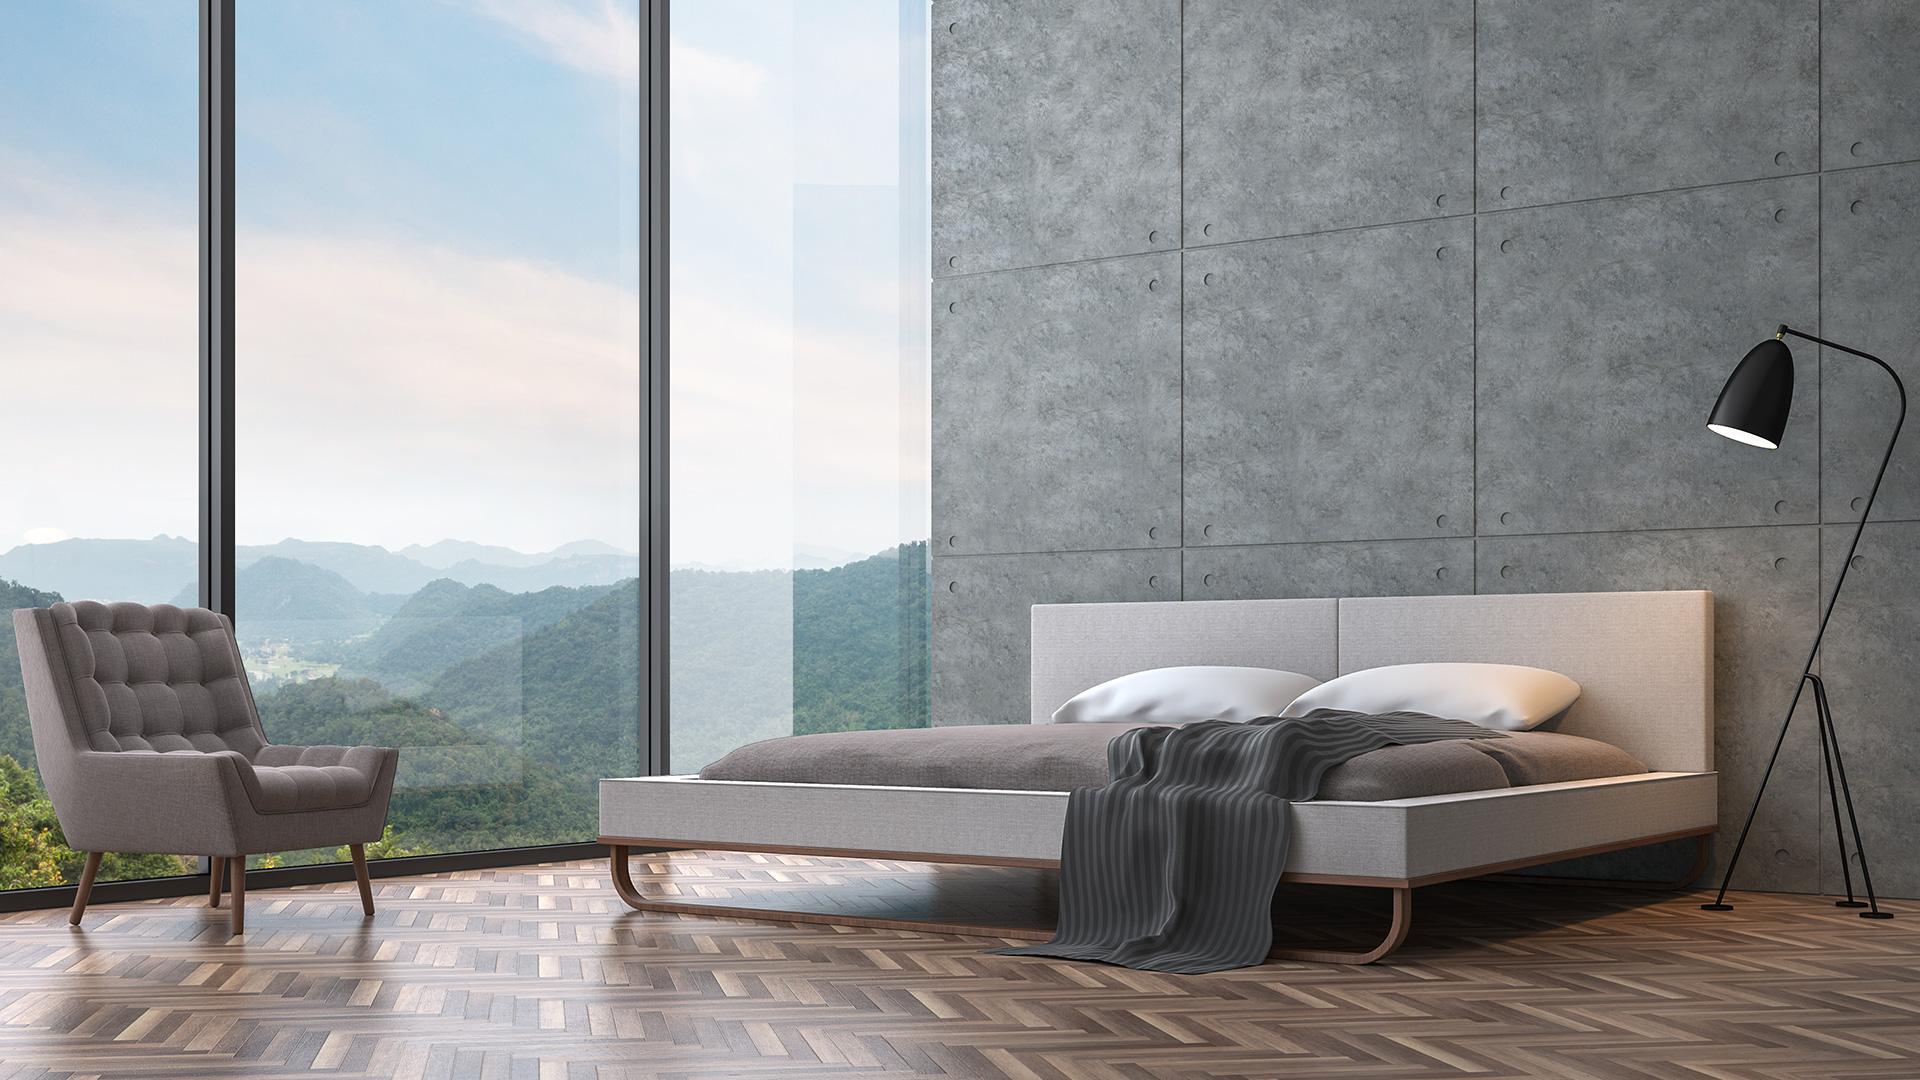 Schlafzimmer eines modernen Wohnhauses mit Sichtbetonwand und Panoramafenster.